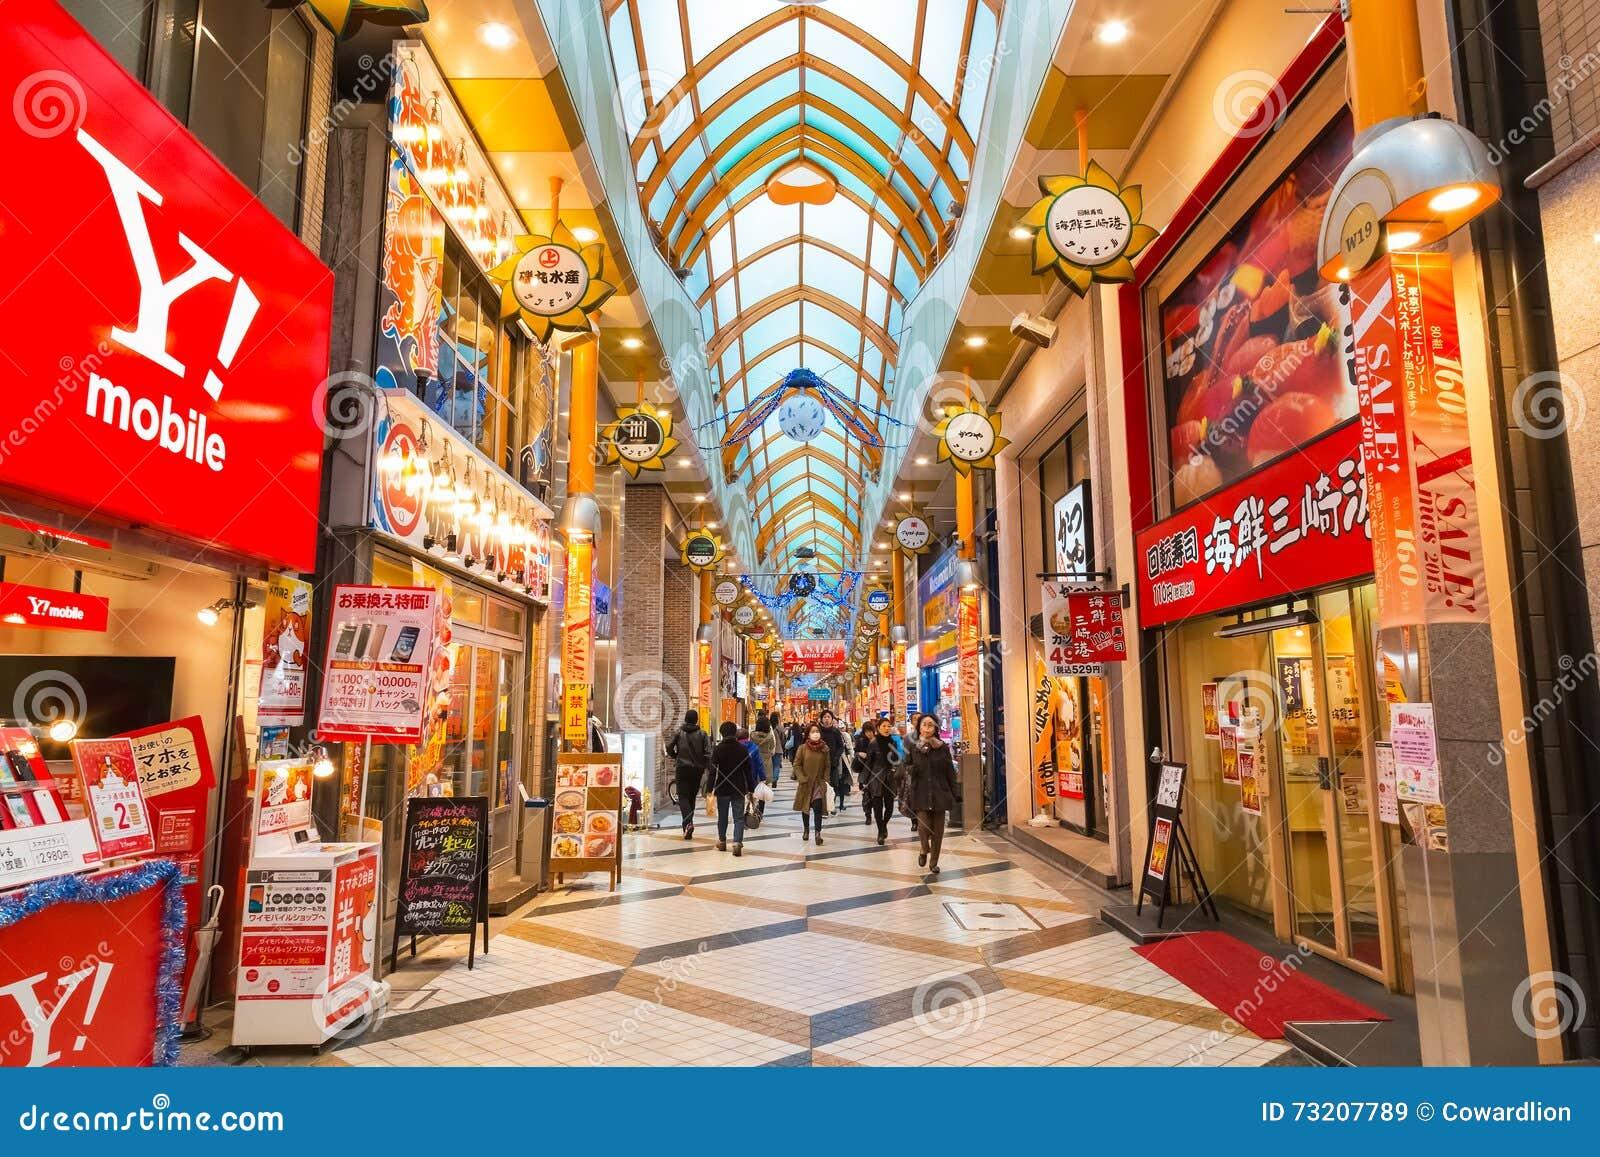 Nakano Broadway In Tokyo Japan